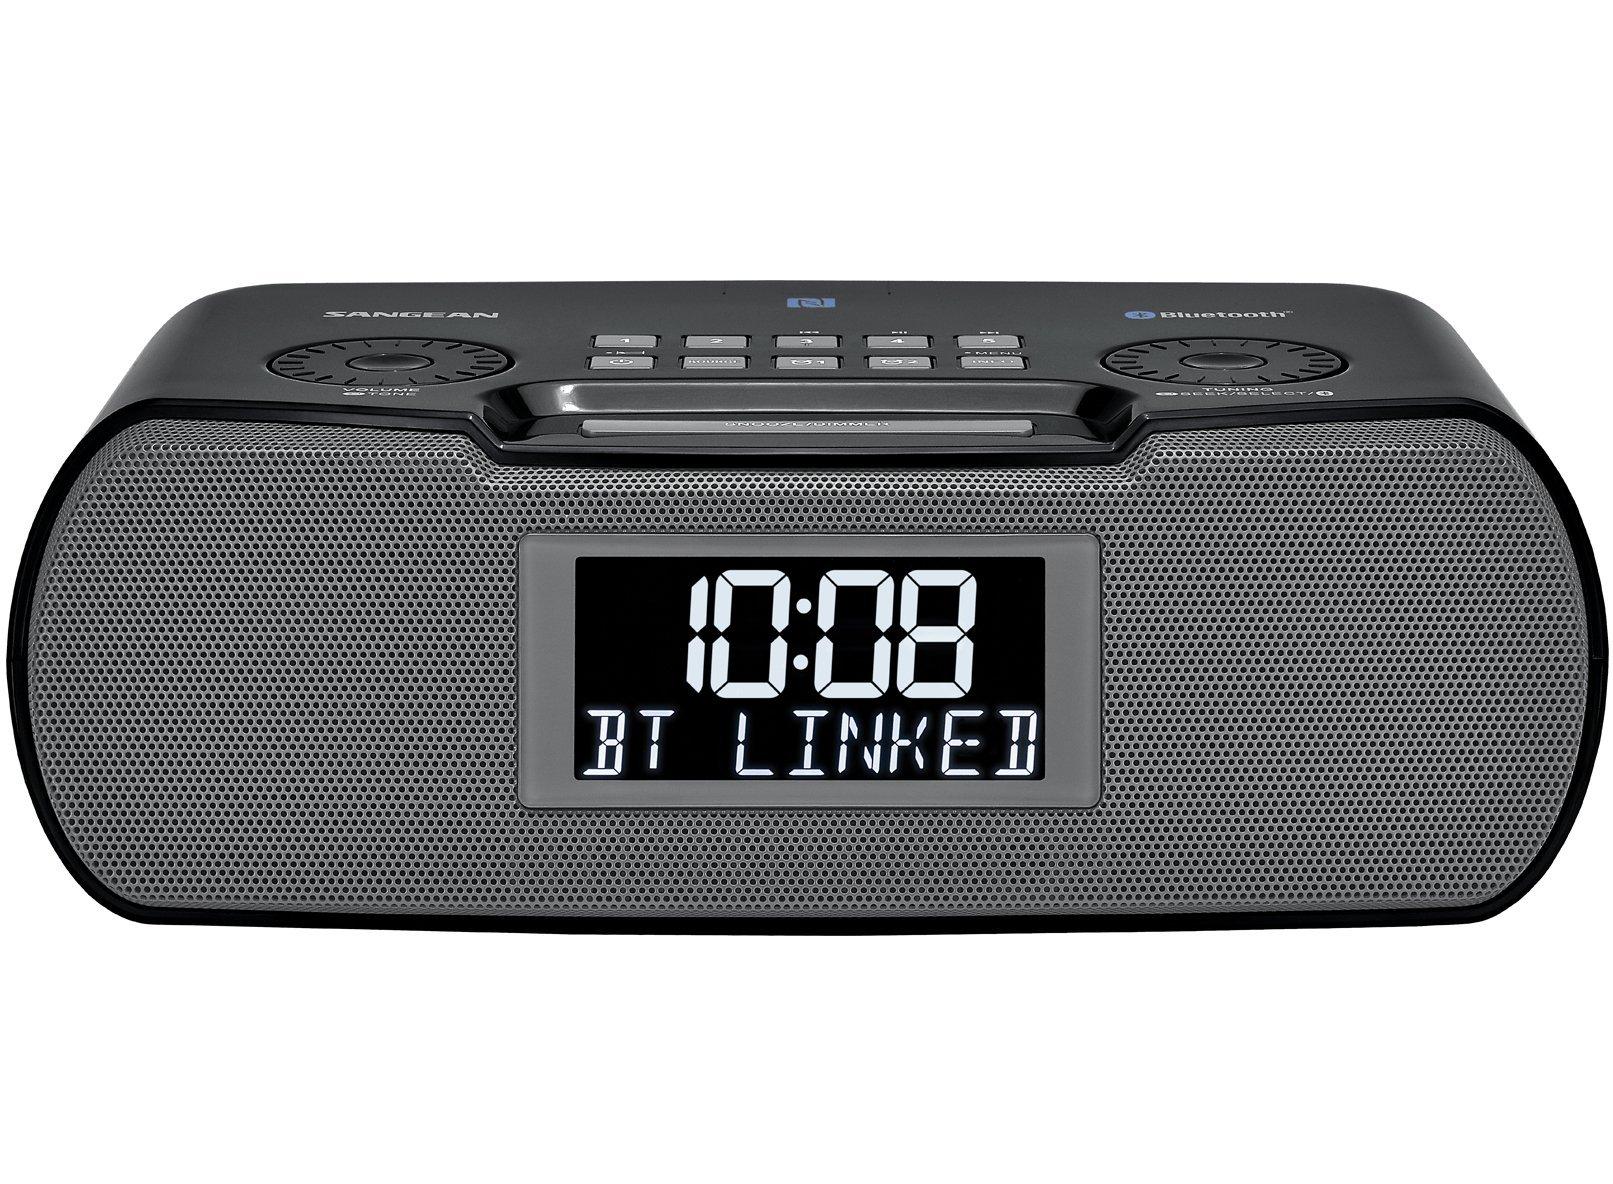 Sangean RCR-20 FM-RDS (RBDS) AM/Bluetooth/Aux-in/USB Charging Digital Tuning Clock Radio (Renewed)